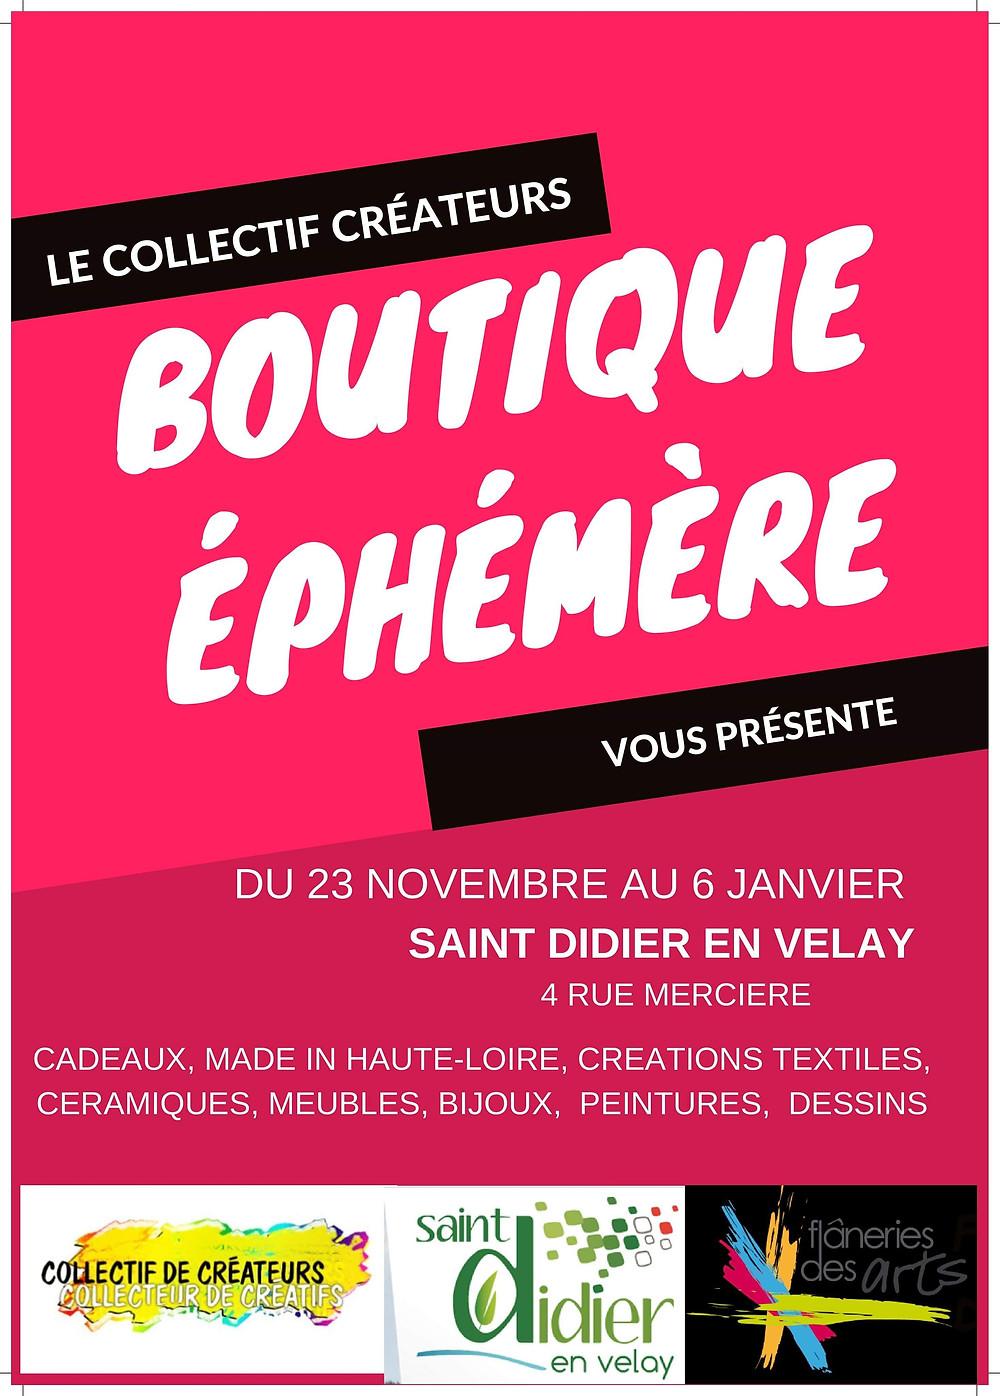 Ouverture d'une boutique éphémère à Saint-Didier en Velay